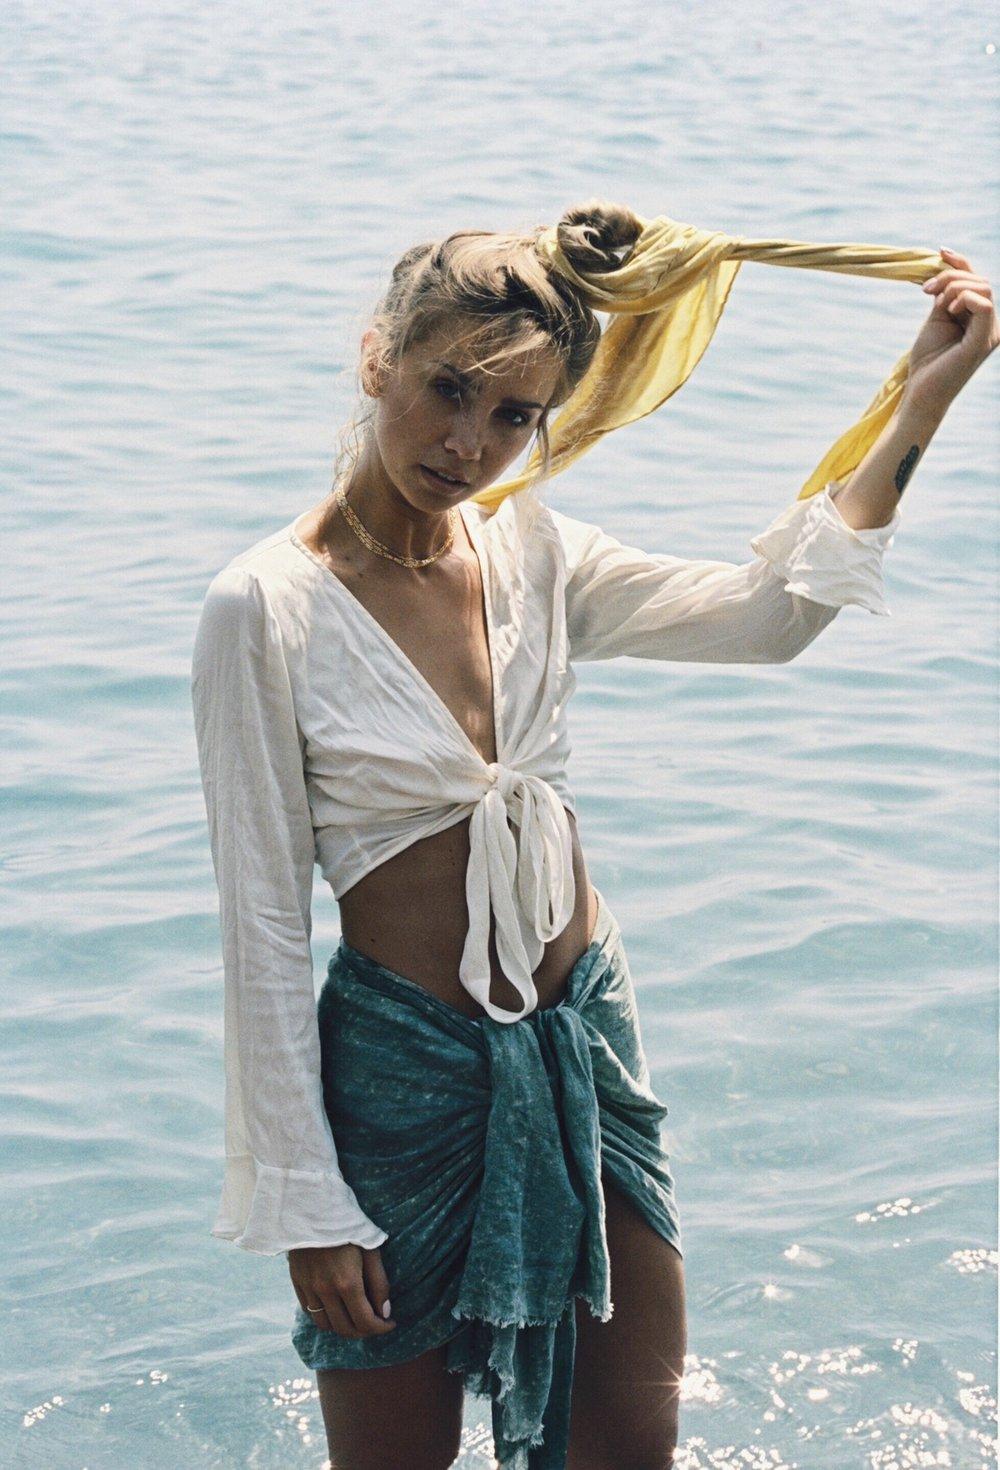 Lisa-Olsson-Positano-Amalfi-Stranded-5.jpg